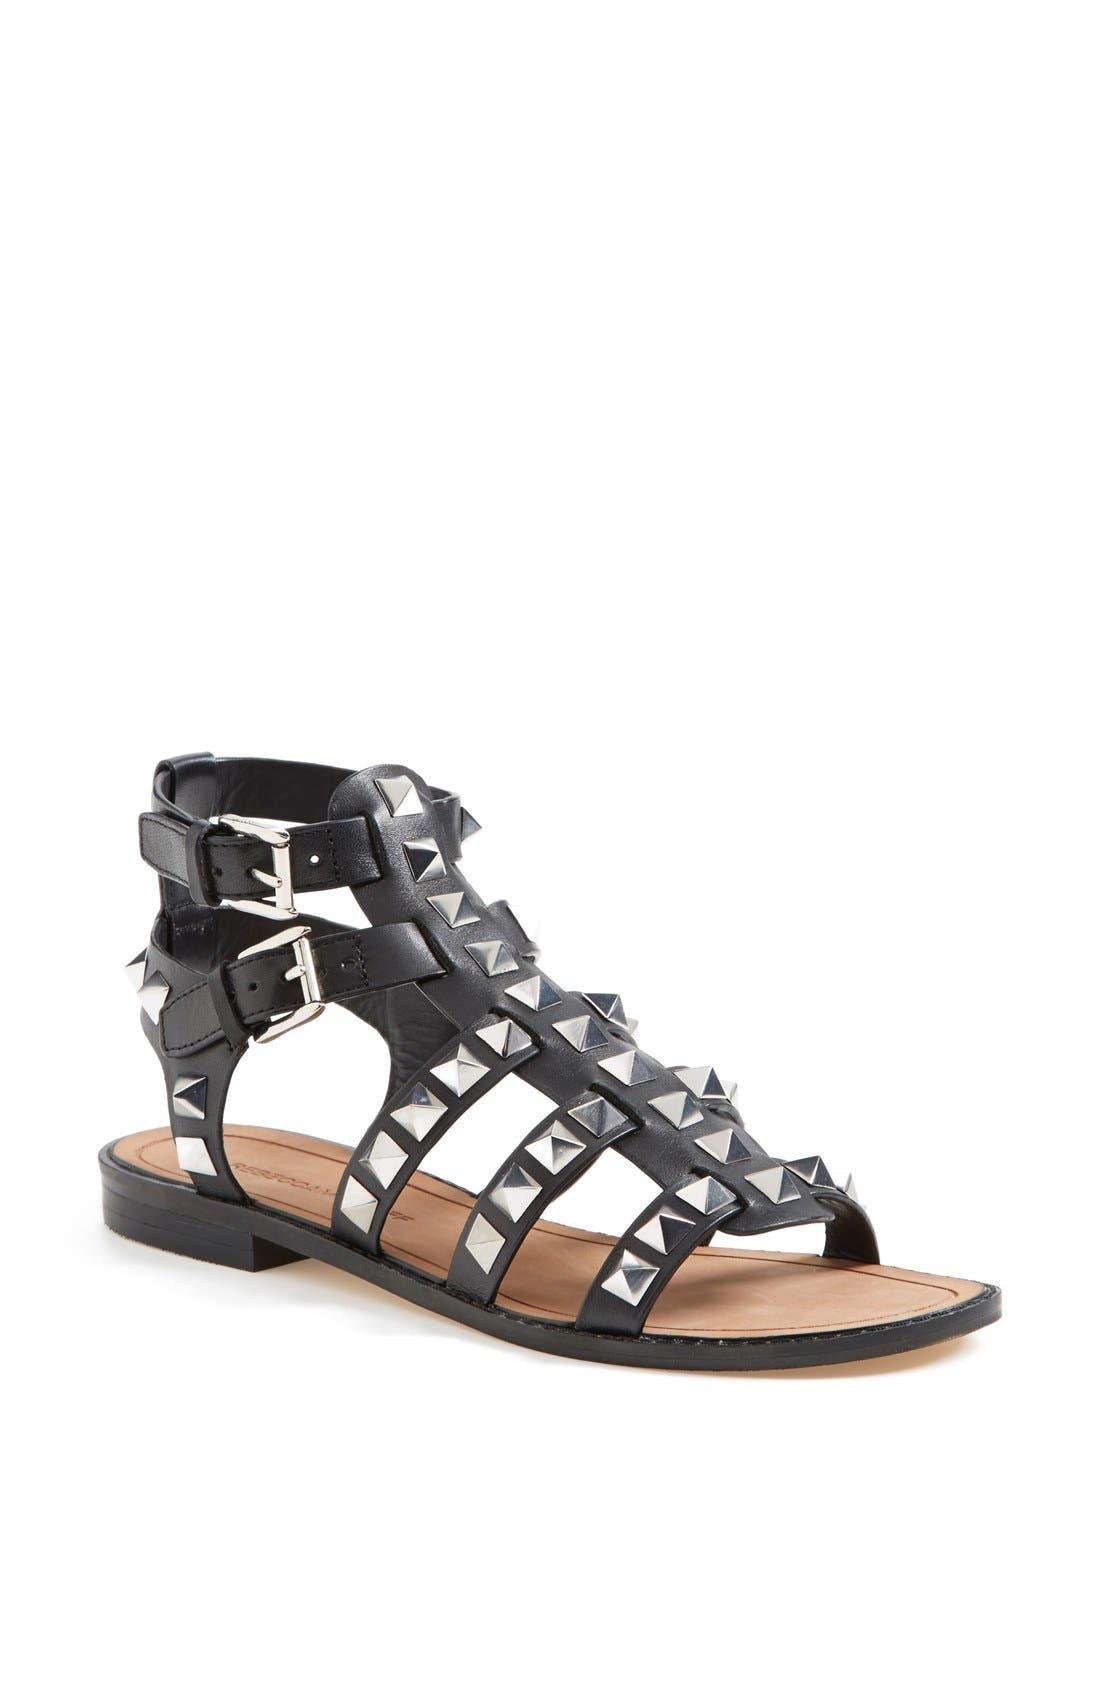 Alternate Image 1 Selected - Rebecca Minkoff 'Sage' Sandal